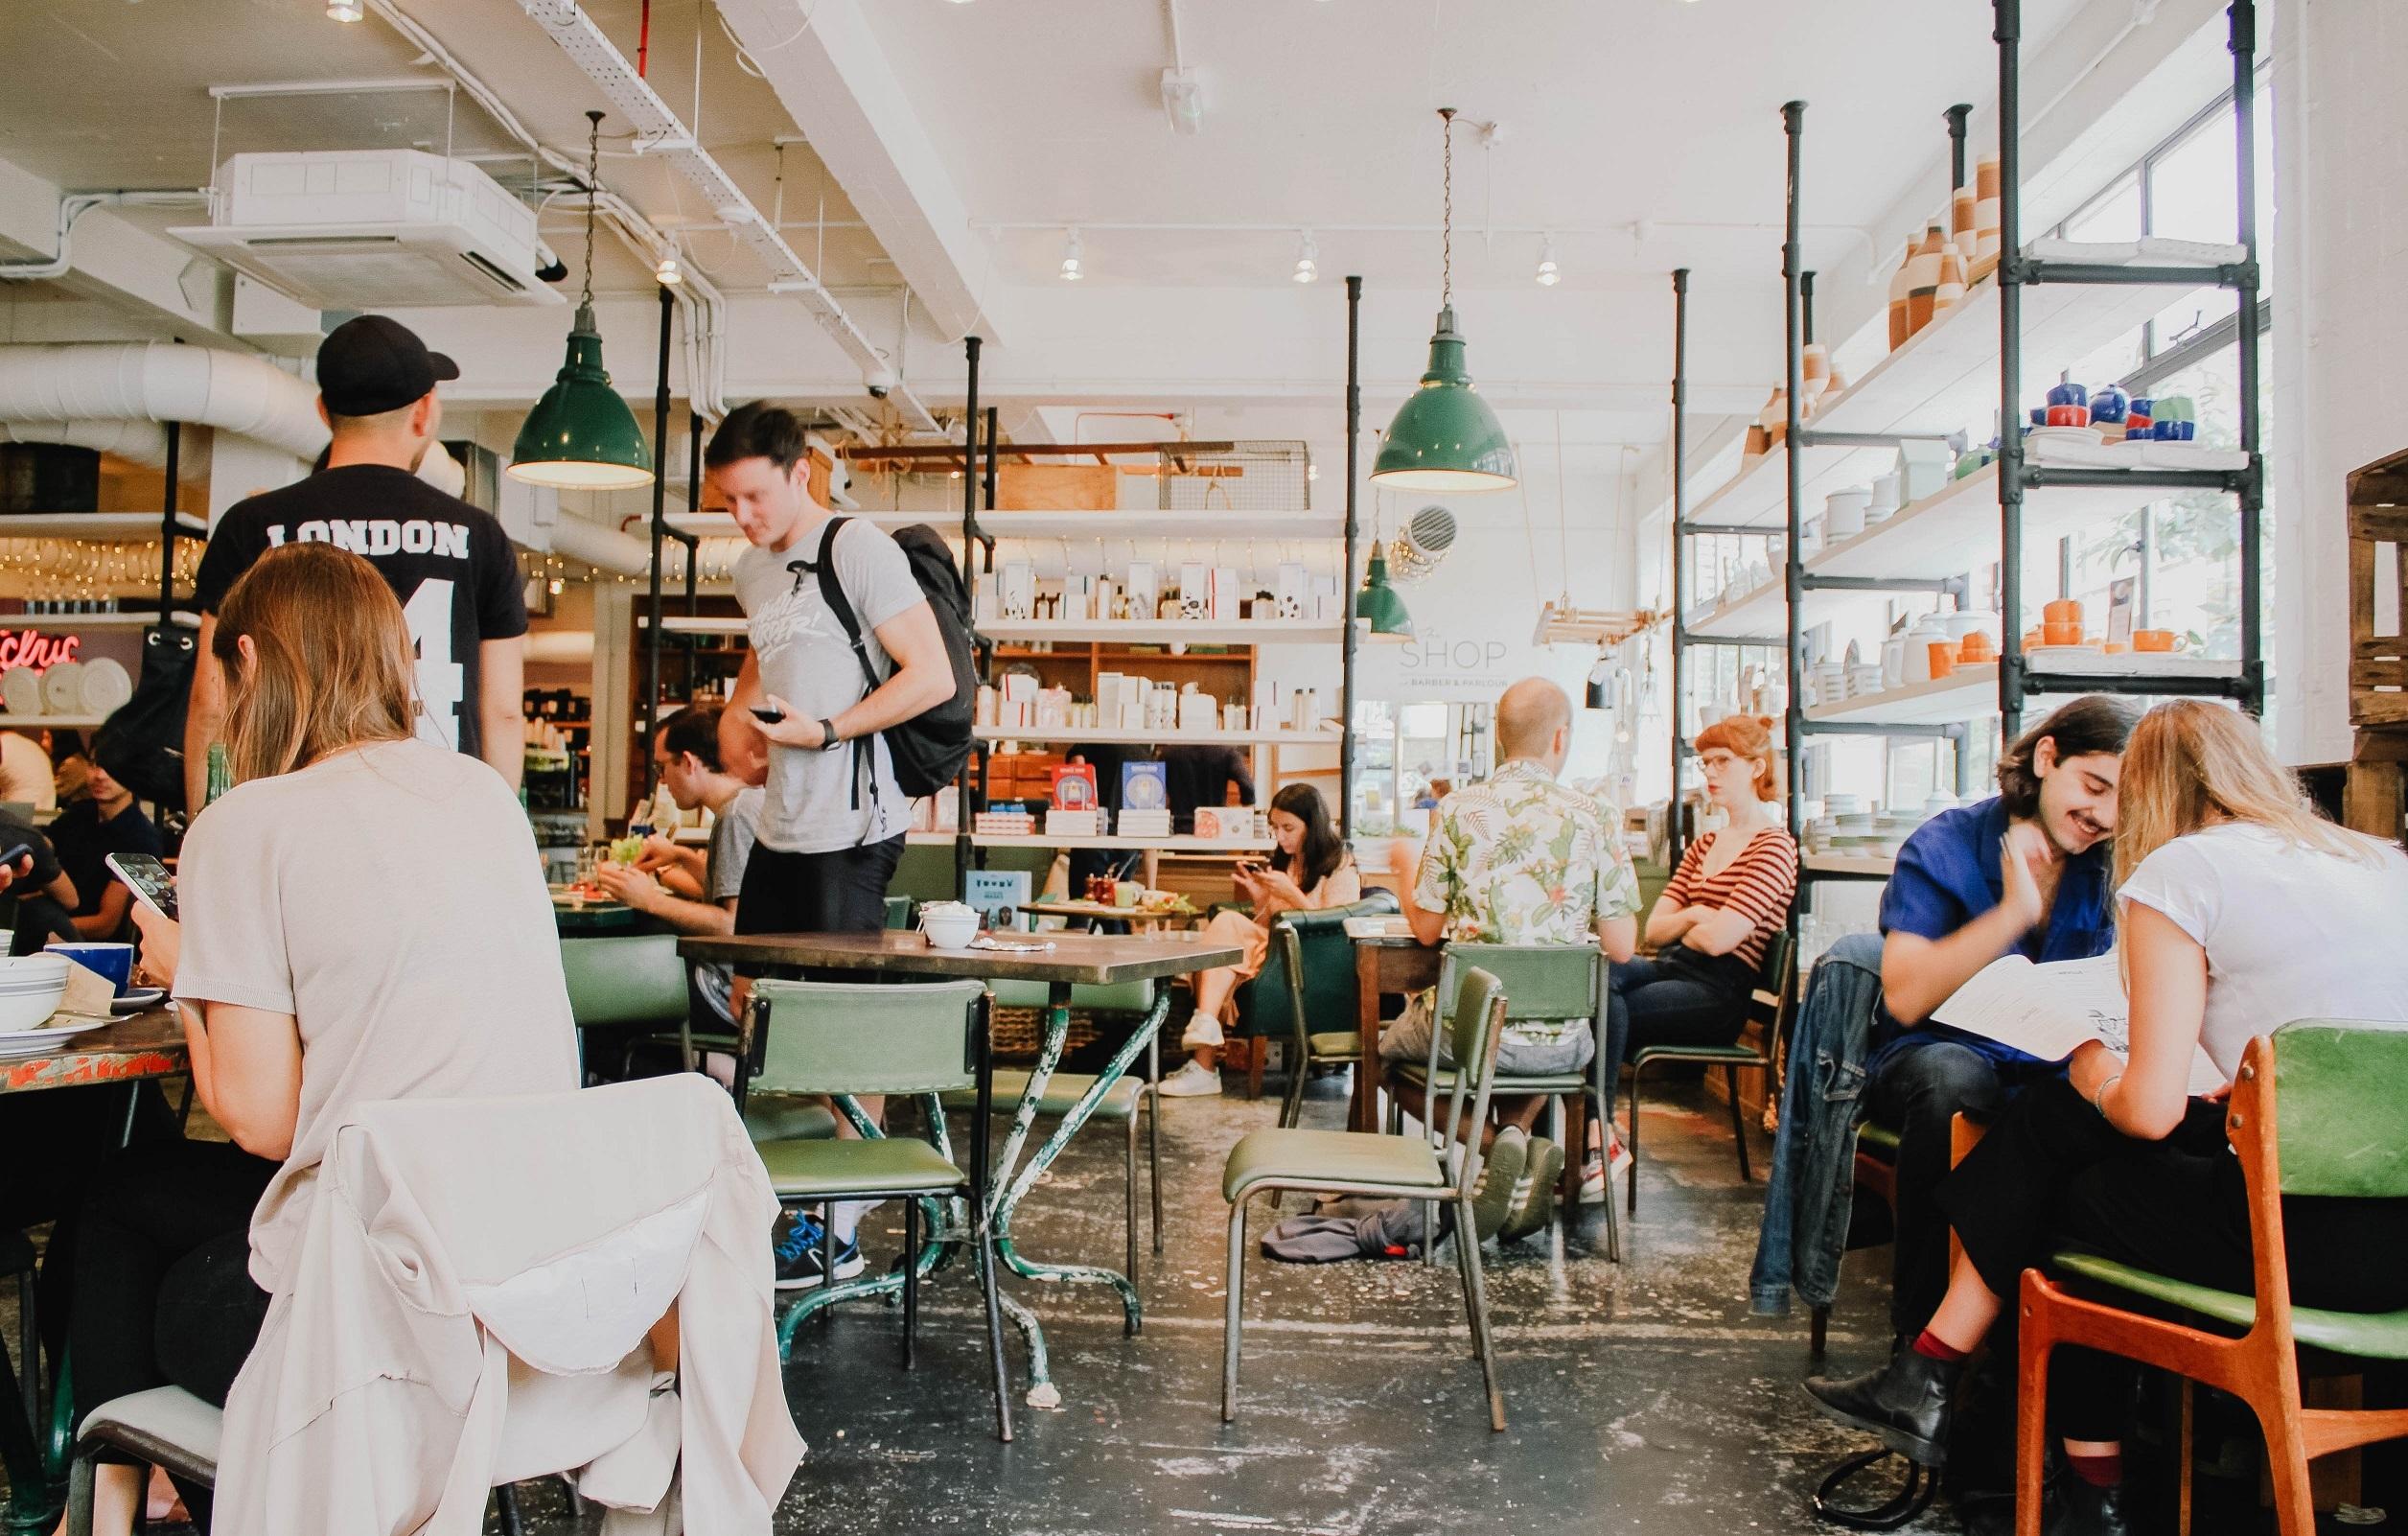 Busy café with modern interior design